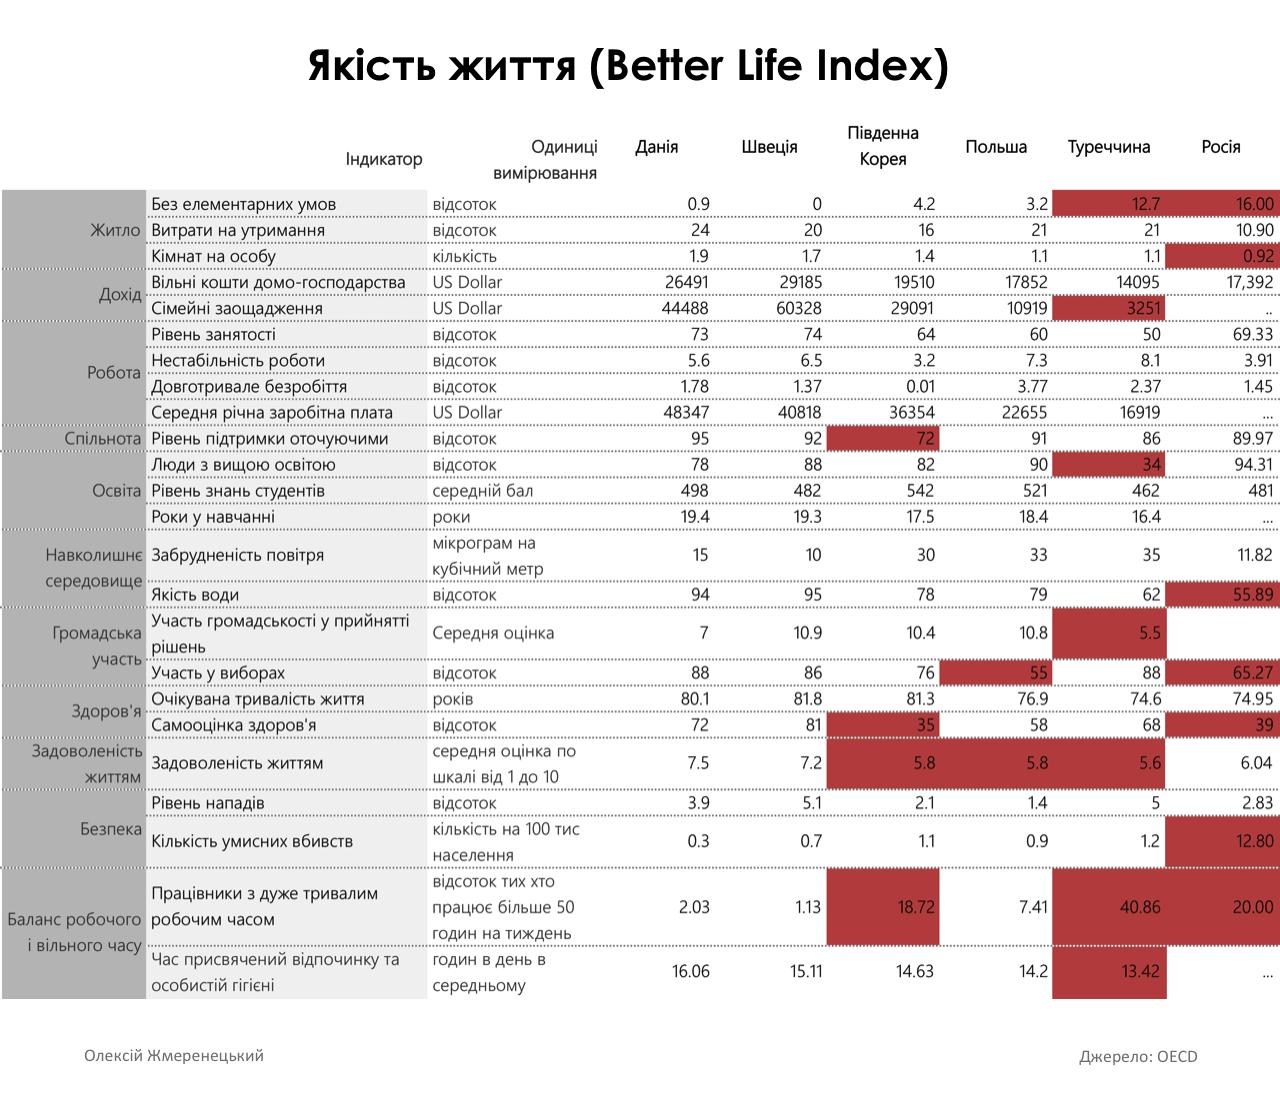 Как сделать украинцев счастливыми (инфографика)